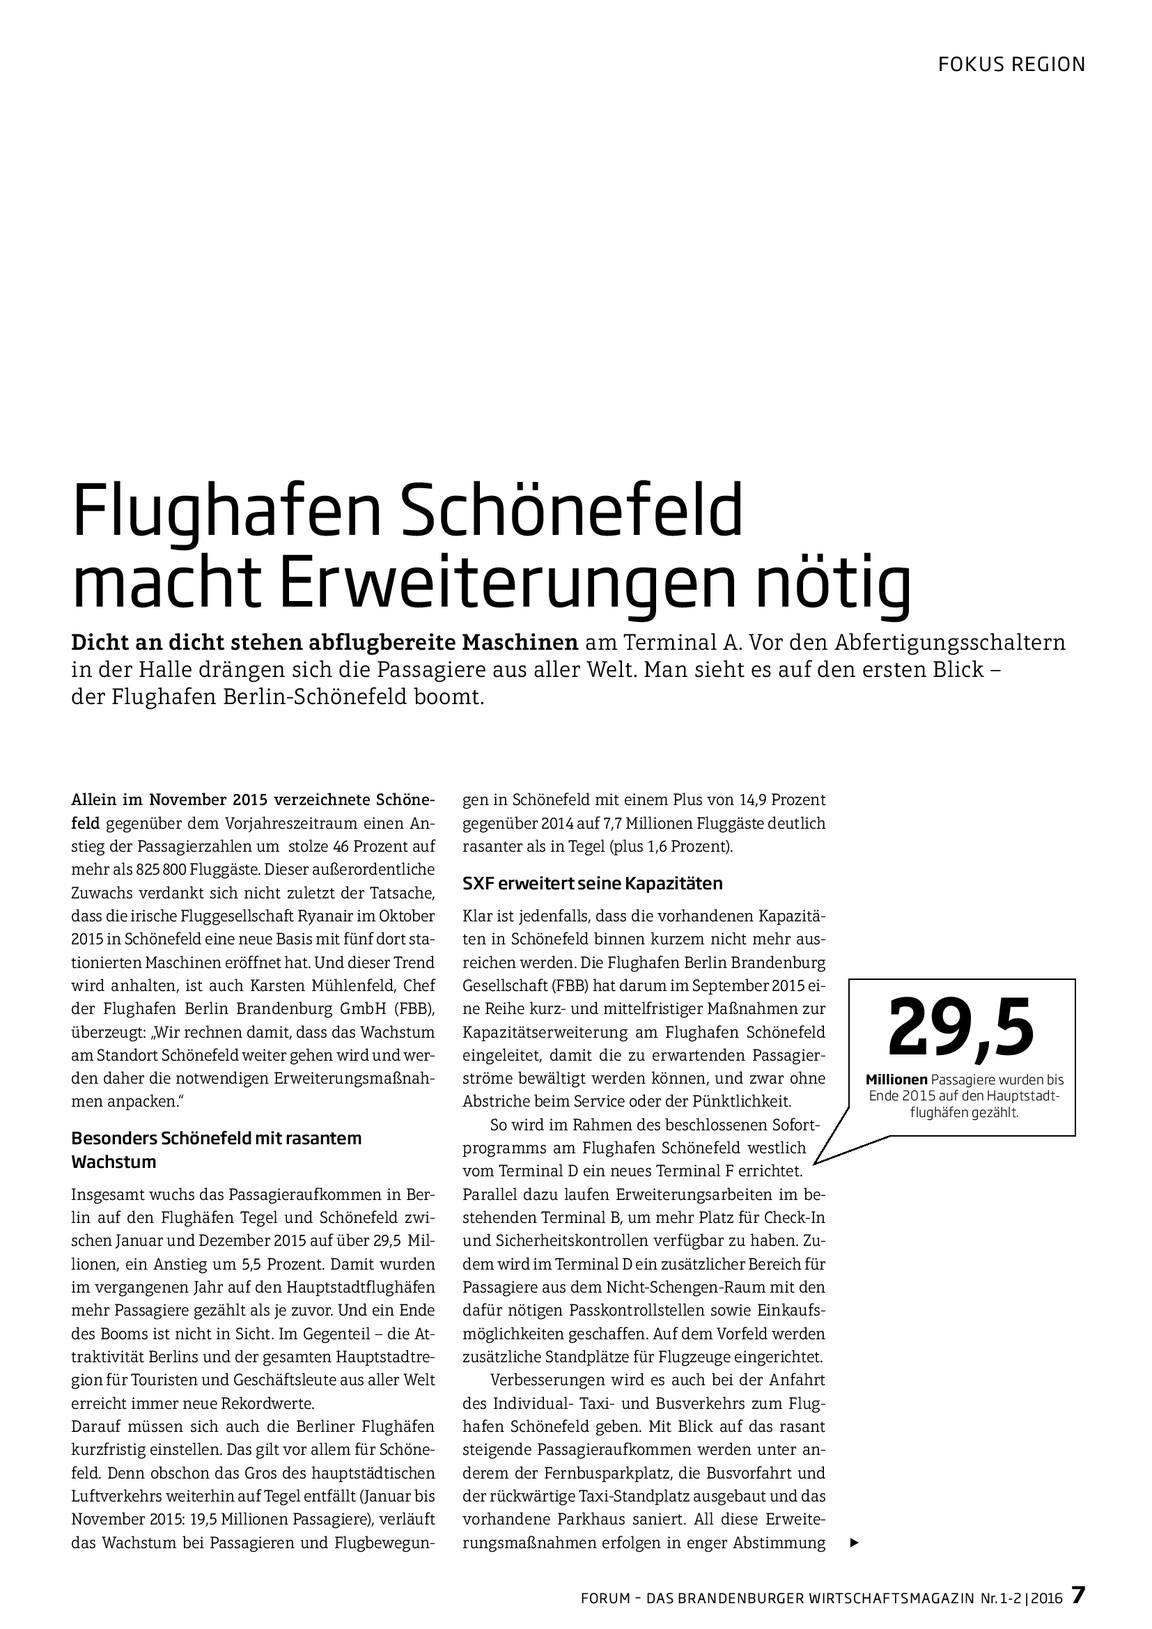 Suedbrandenburg 1-2 2016  91a3819dd5053